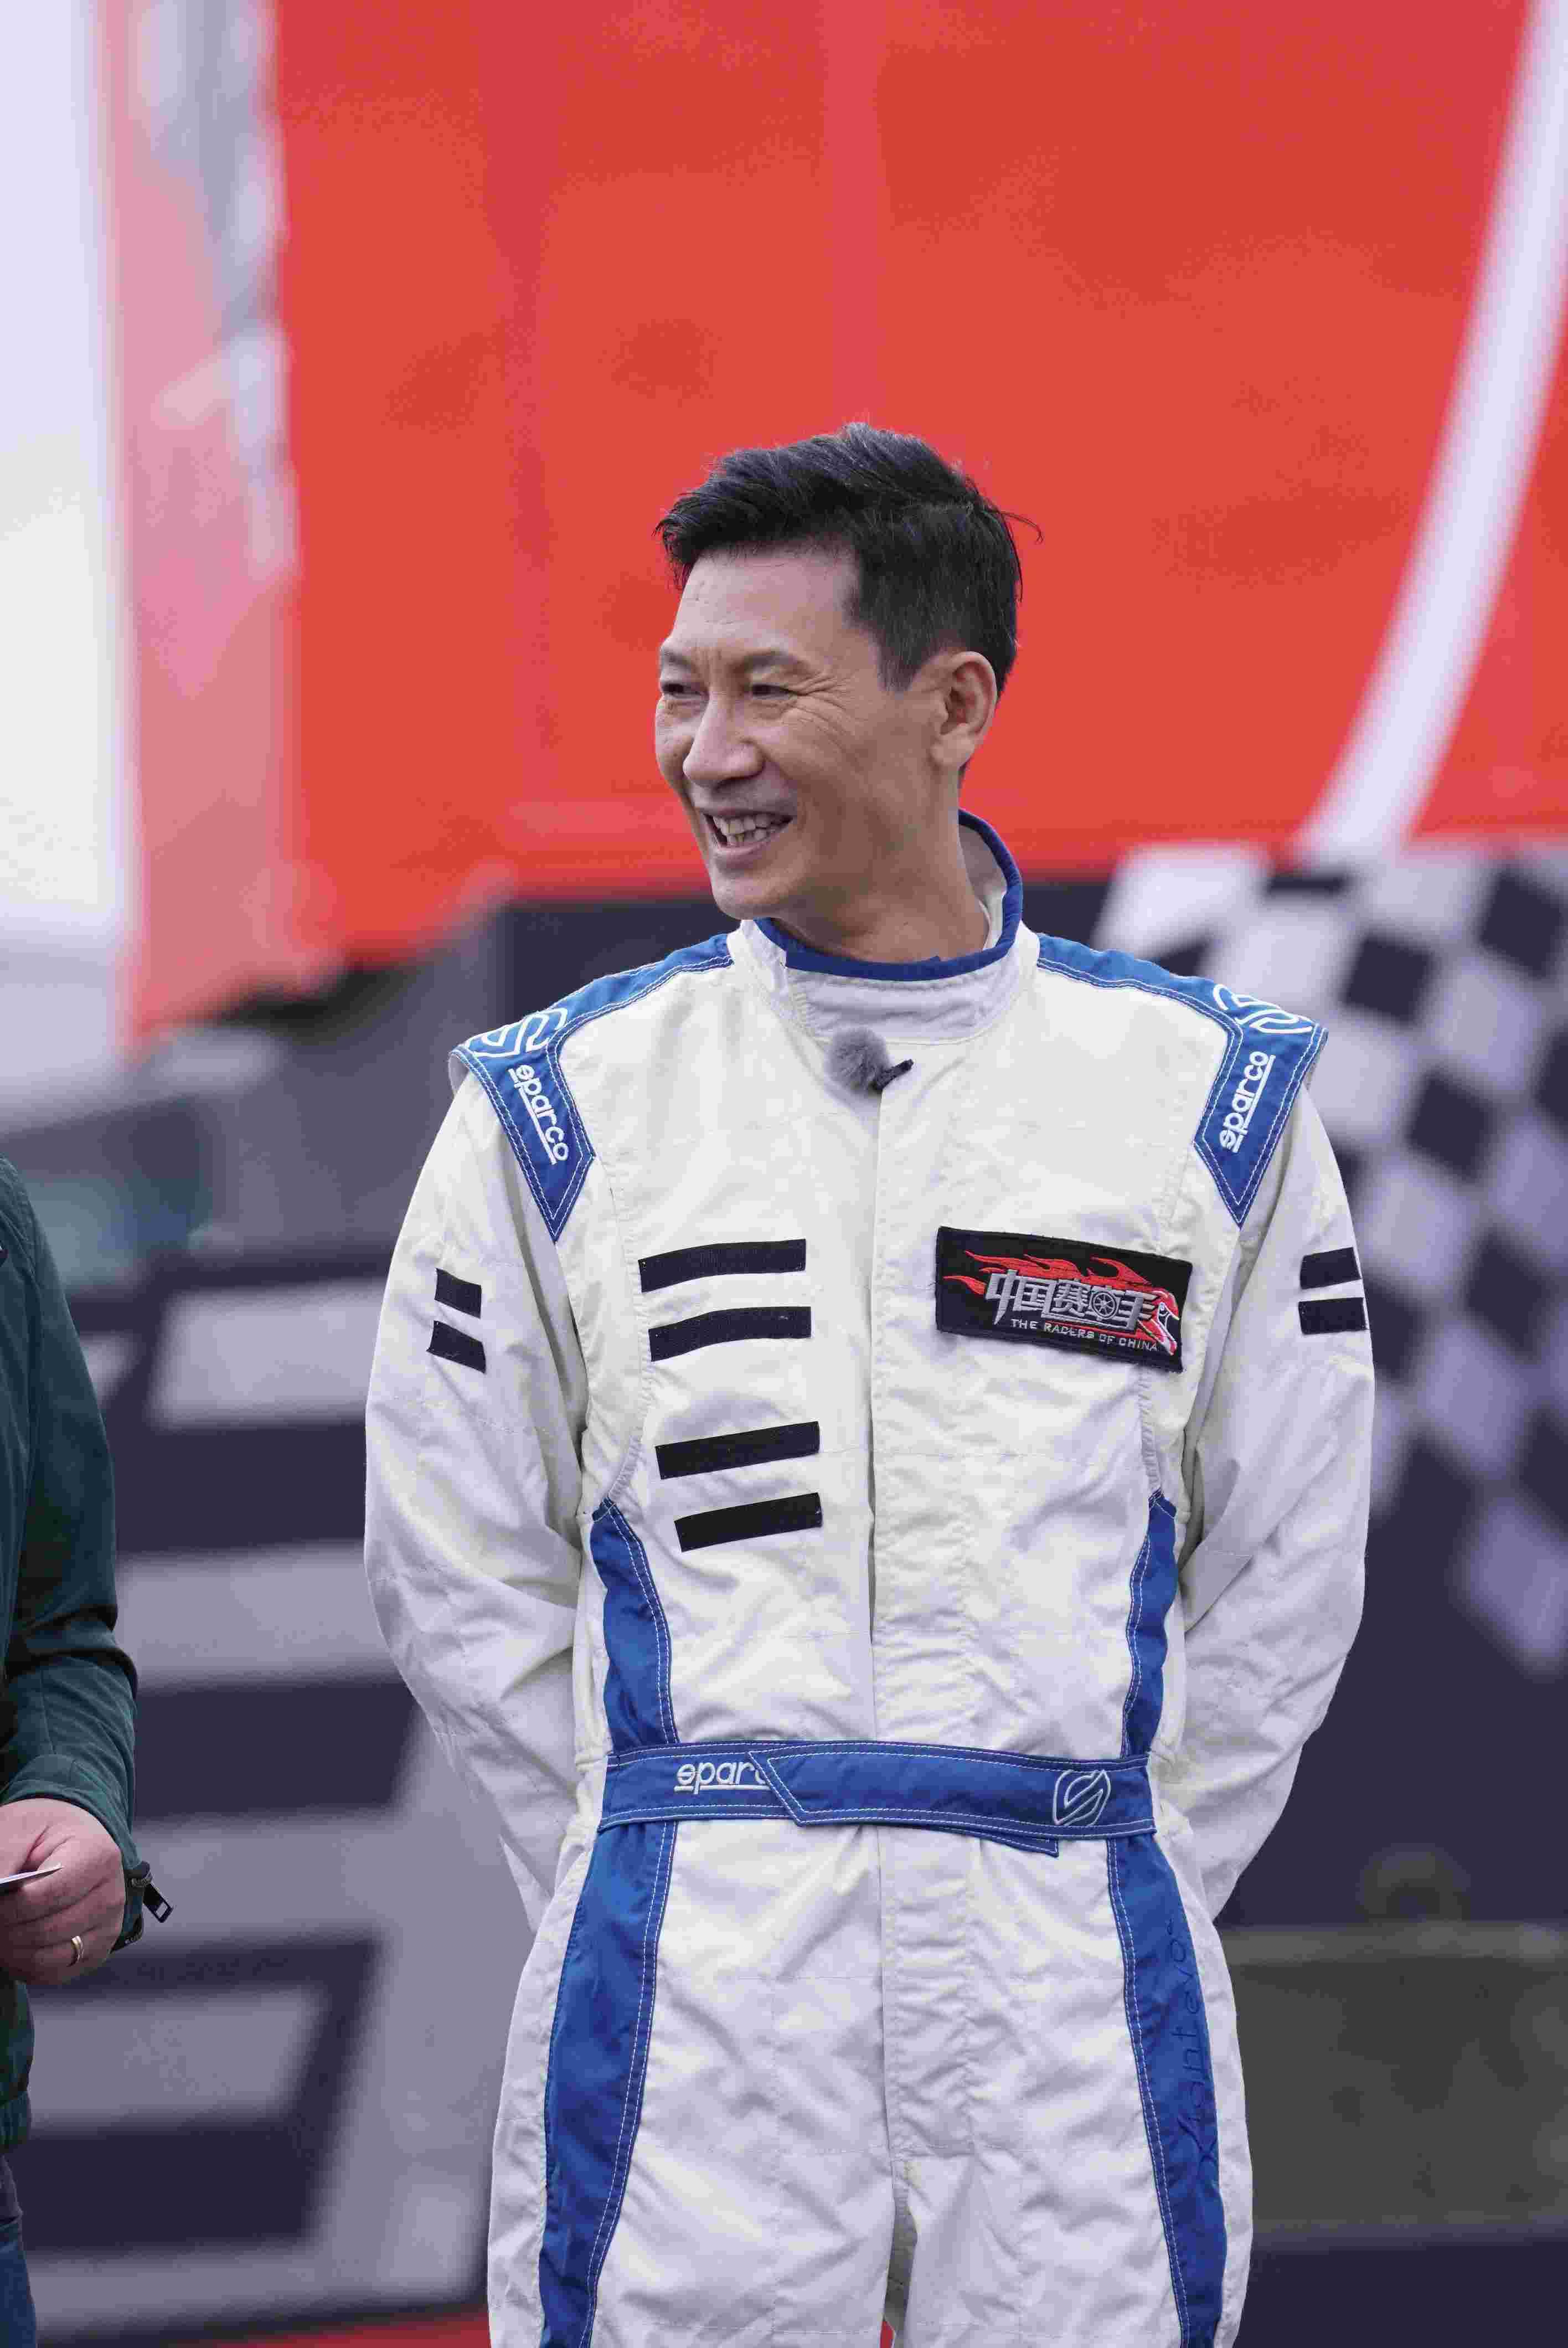 《中国赛车手之菜鸟驾道》王晓麟博士.jpg